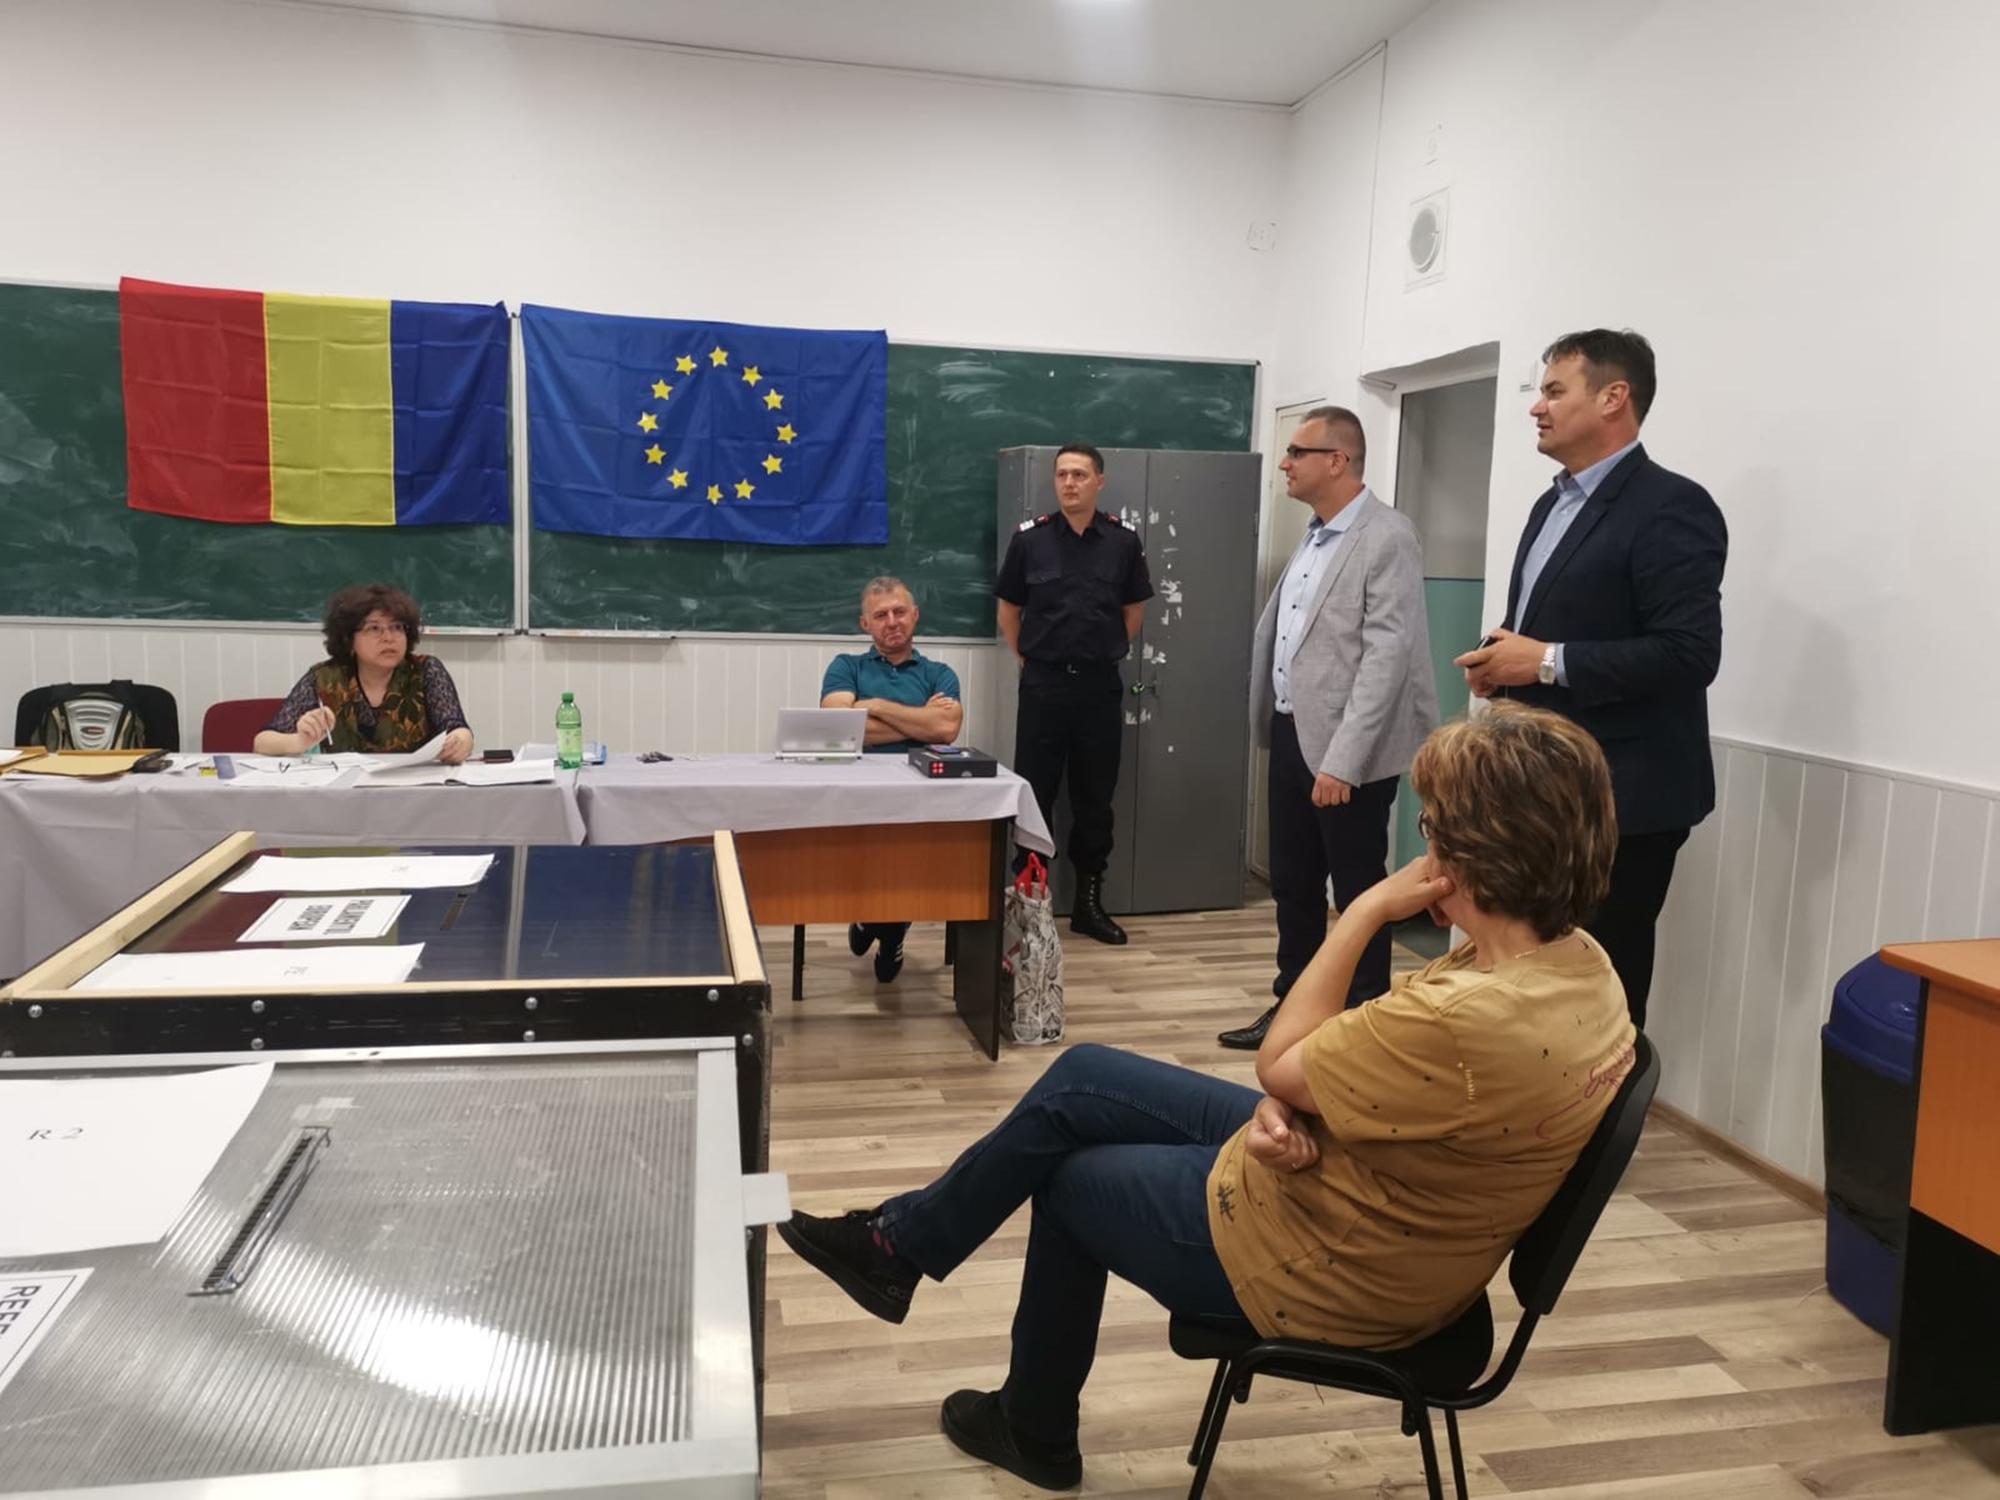 Judeţul Botoşani, pregătit din punct de vedere tehnic pentru cele două scrutine